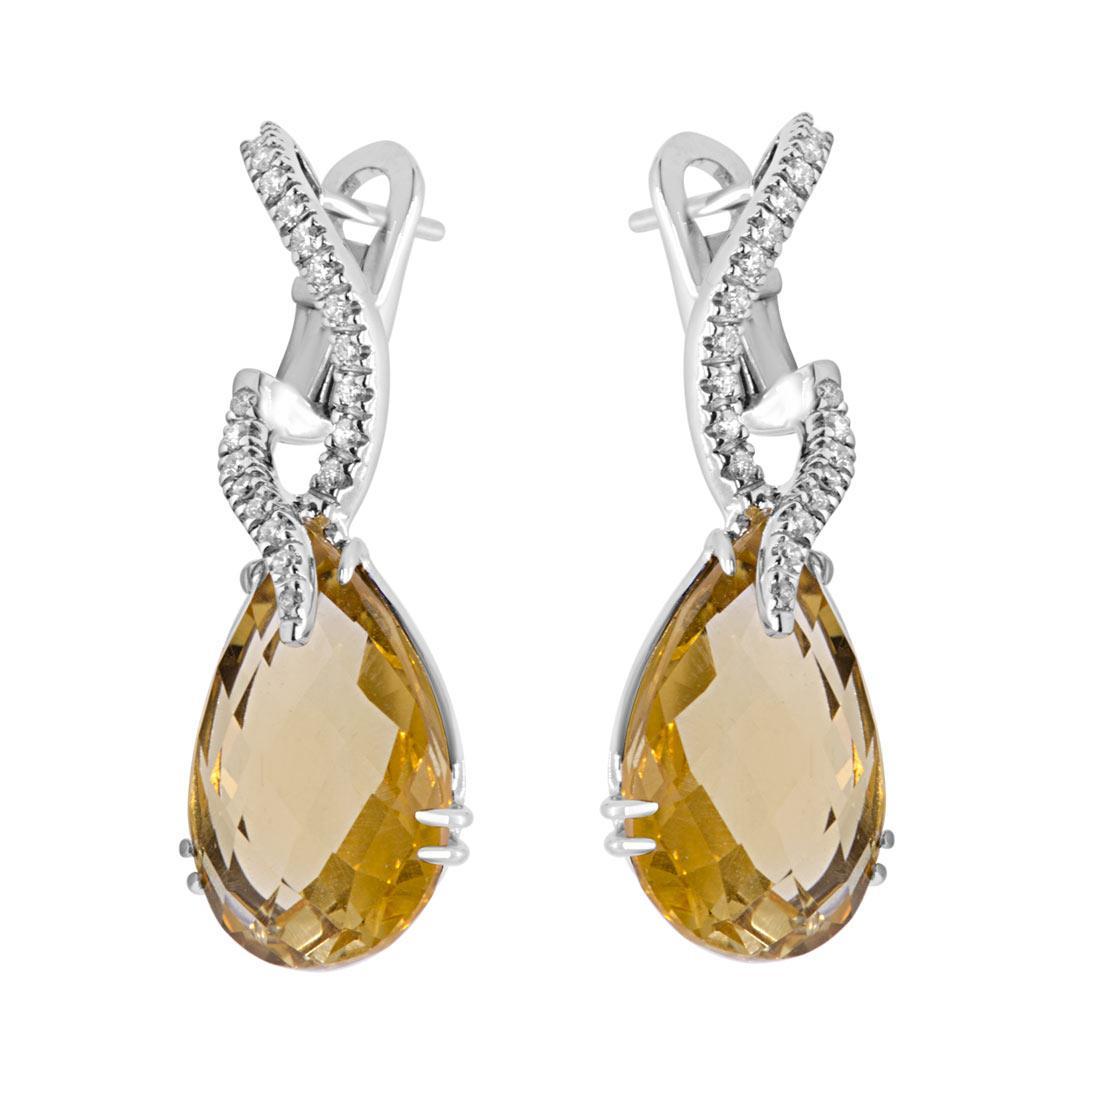 Orecchini Alfieri & St John con diamanti e pietre semipreziose - ALFIERI & ST. JOHN